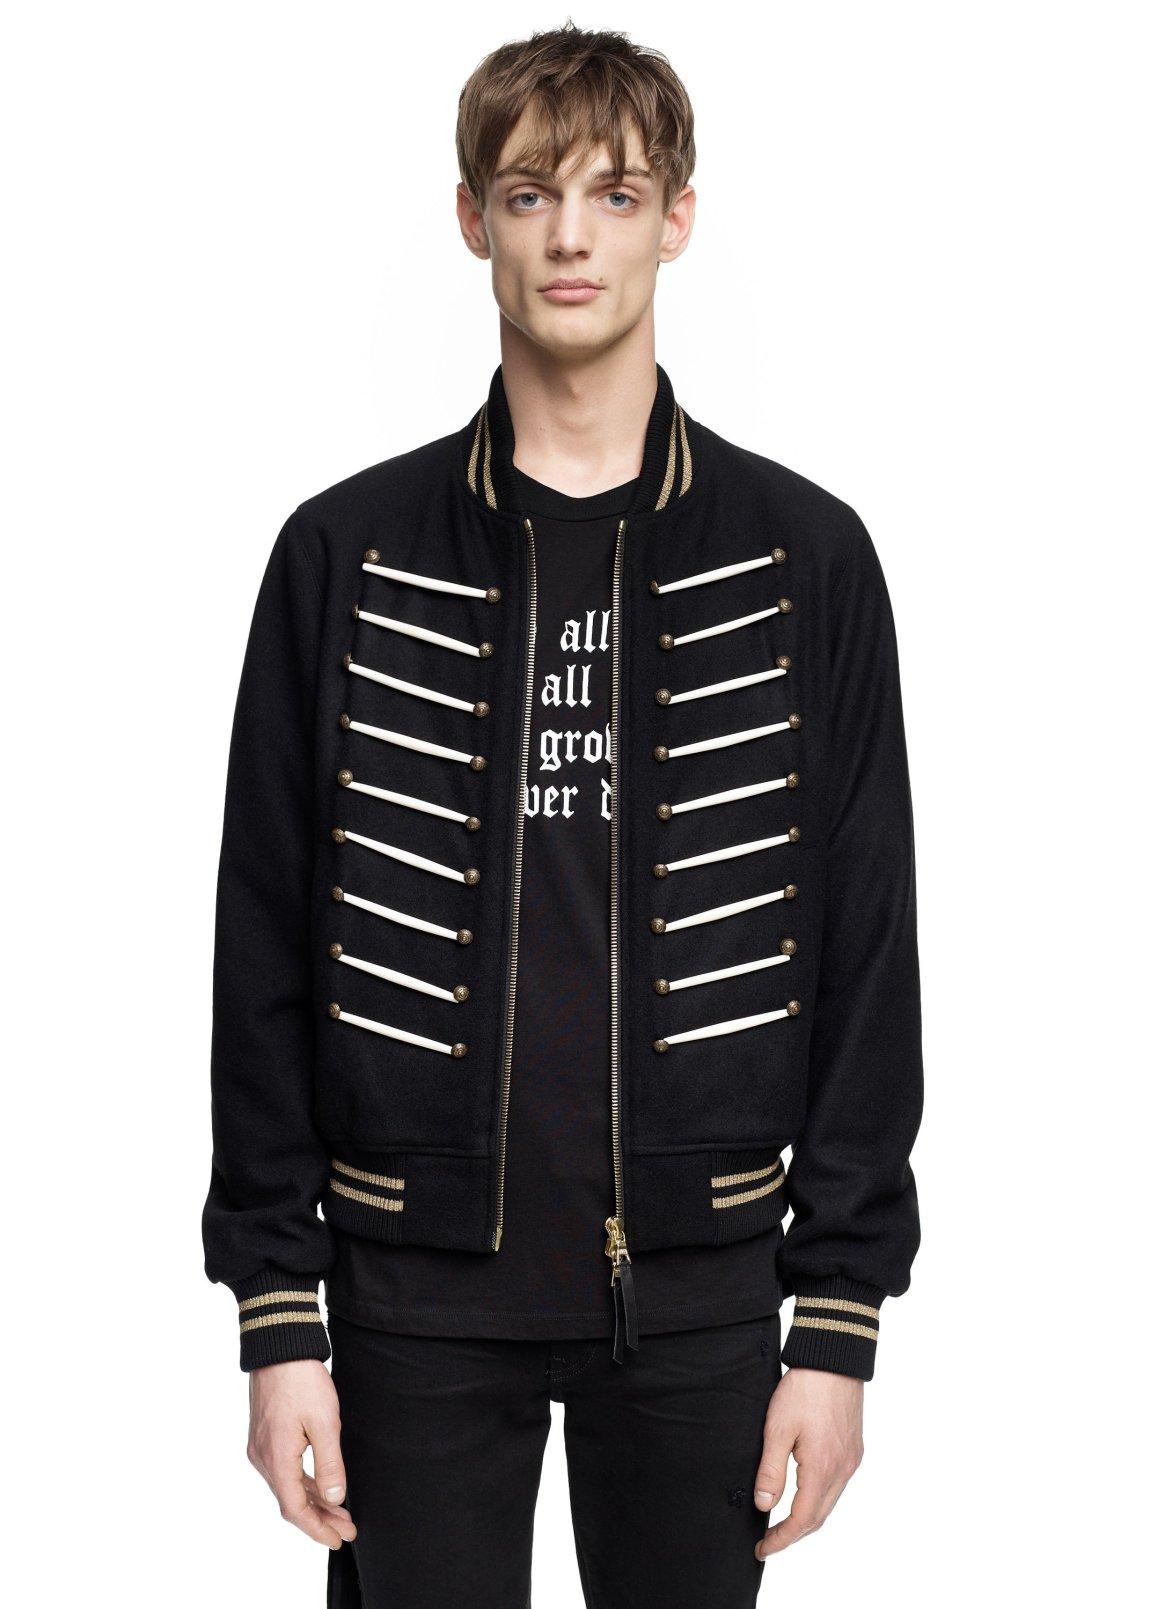 amiri, bomber jacket, band jacket